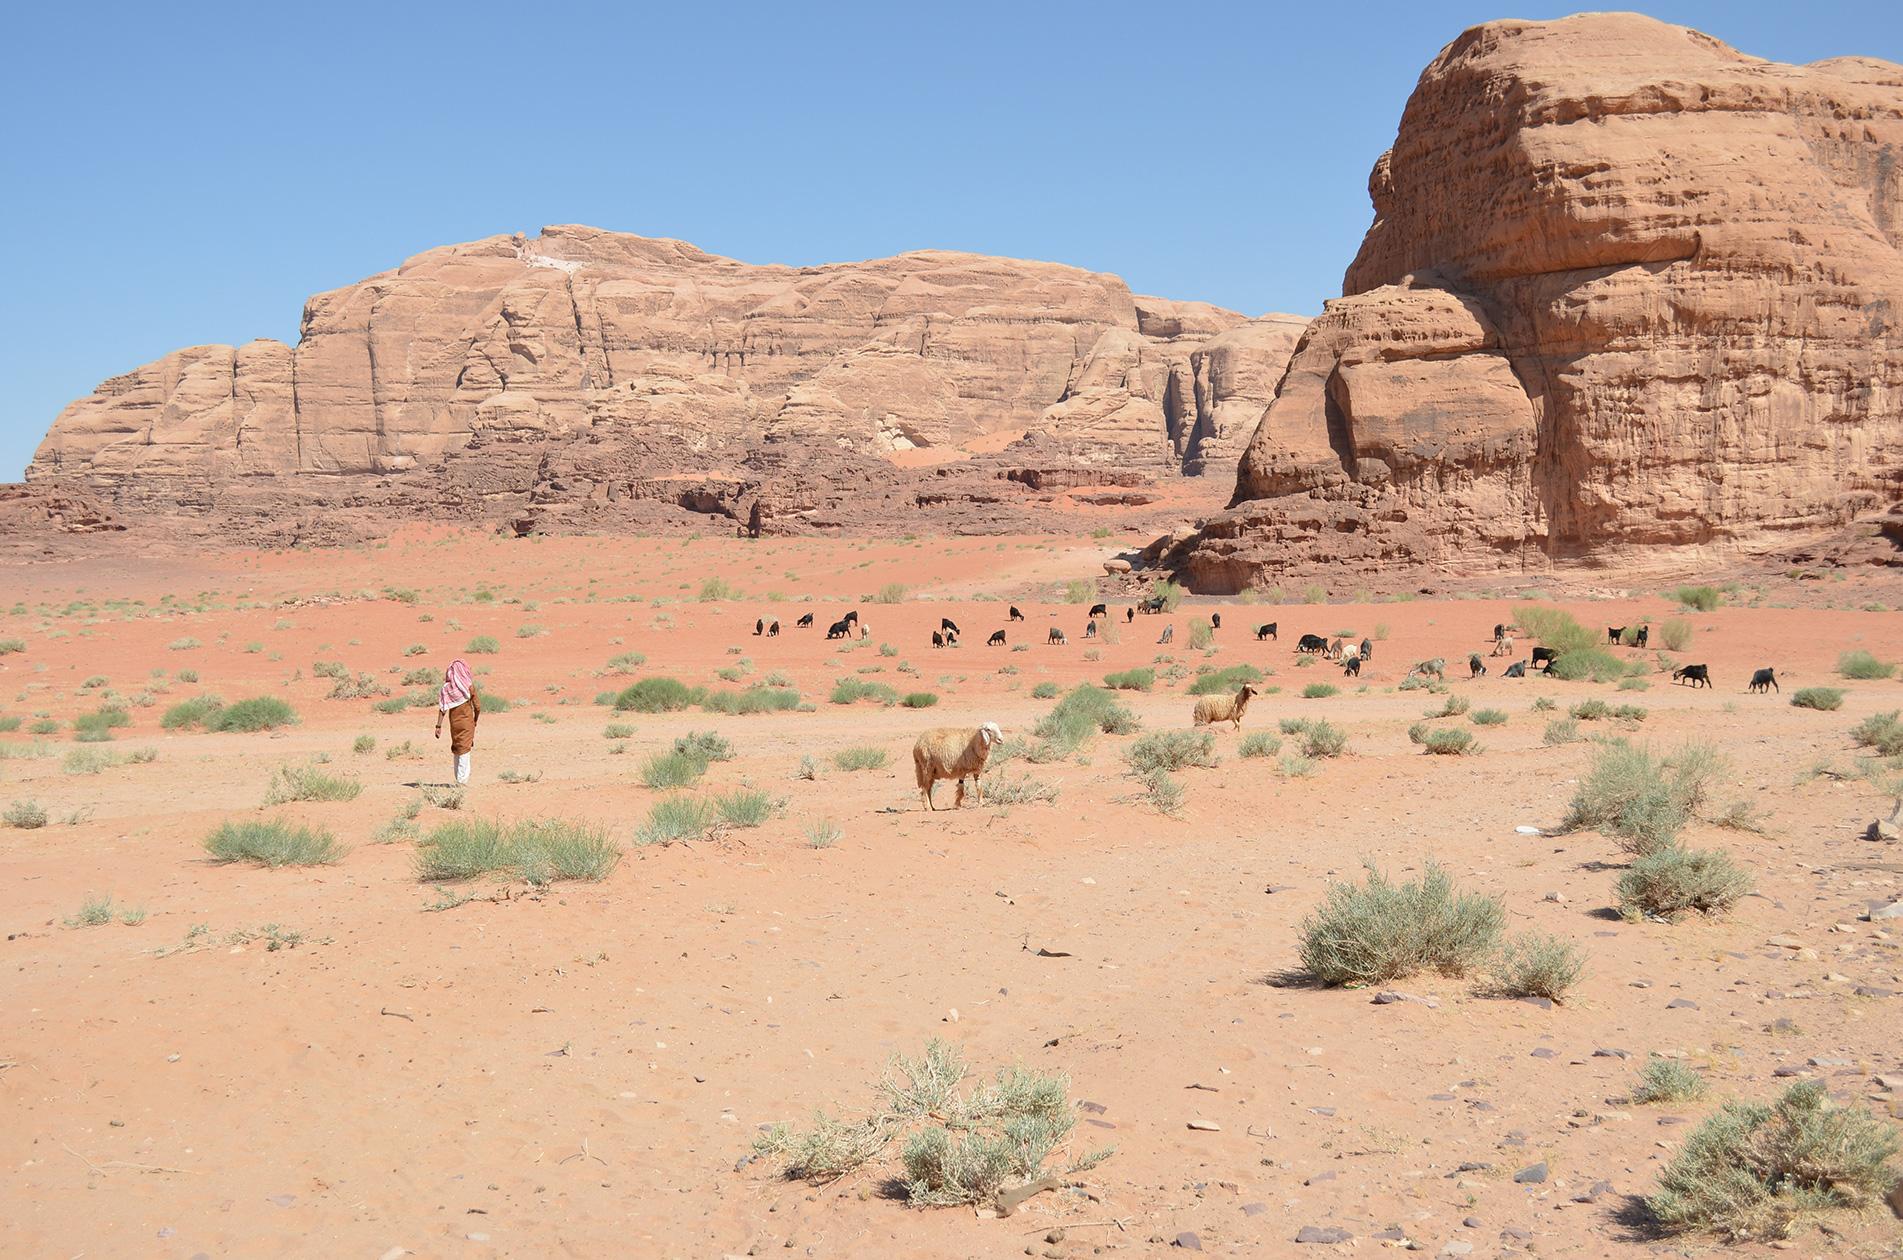 Bedouin life